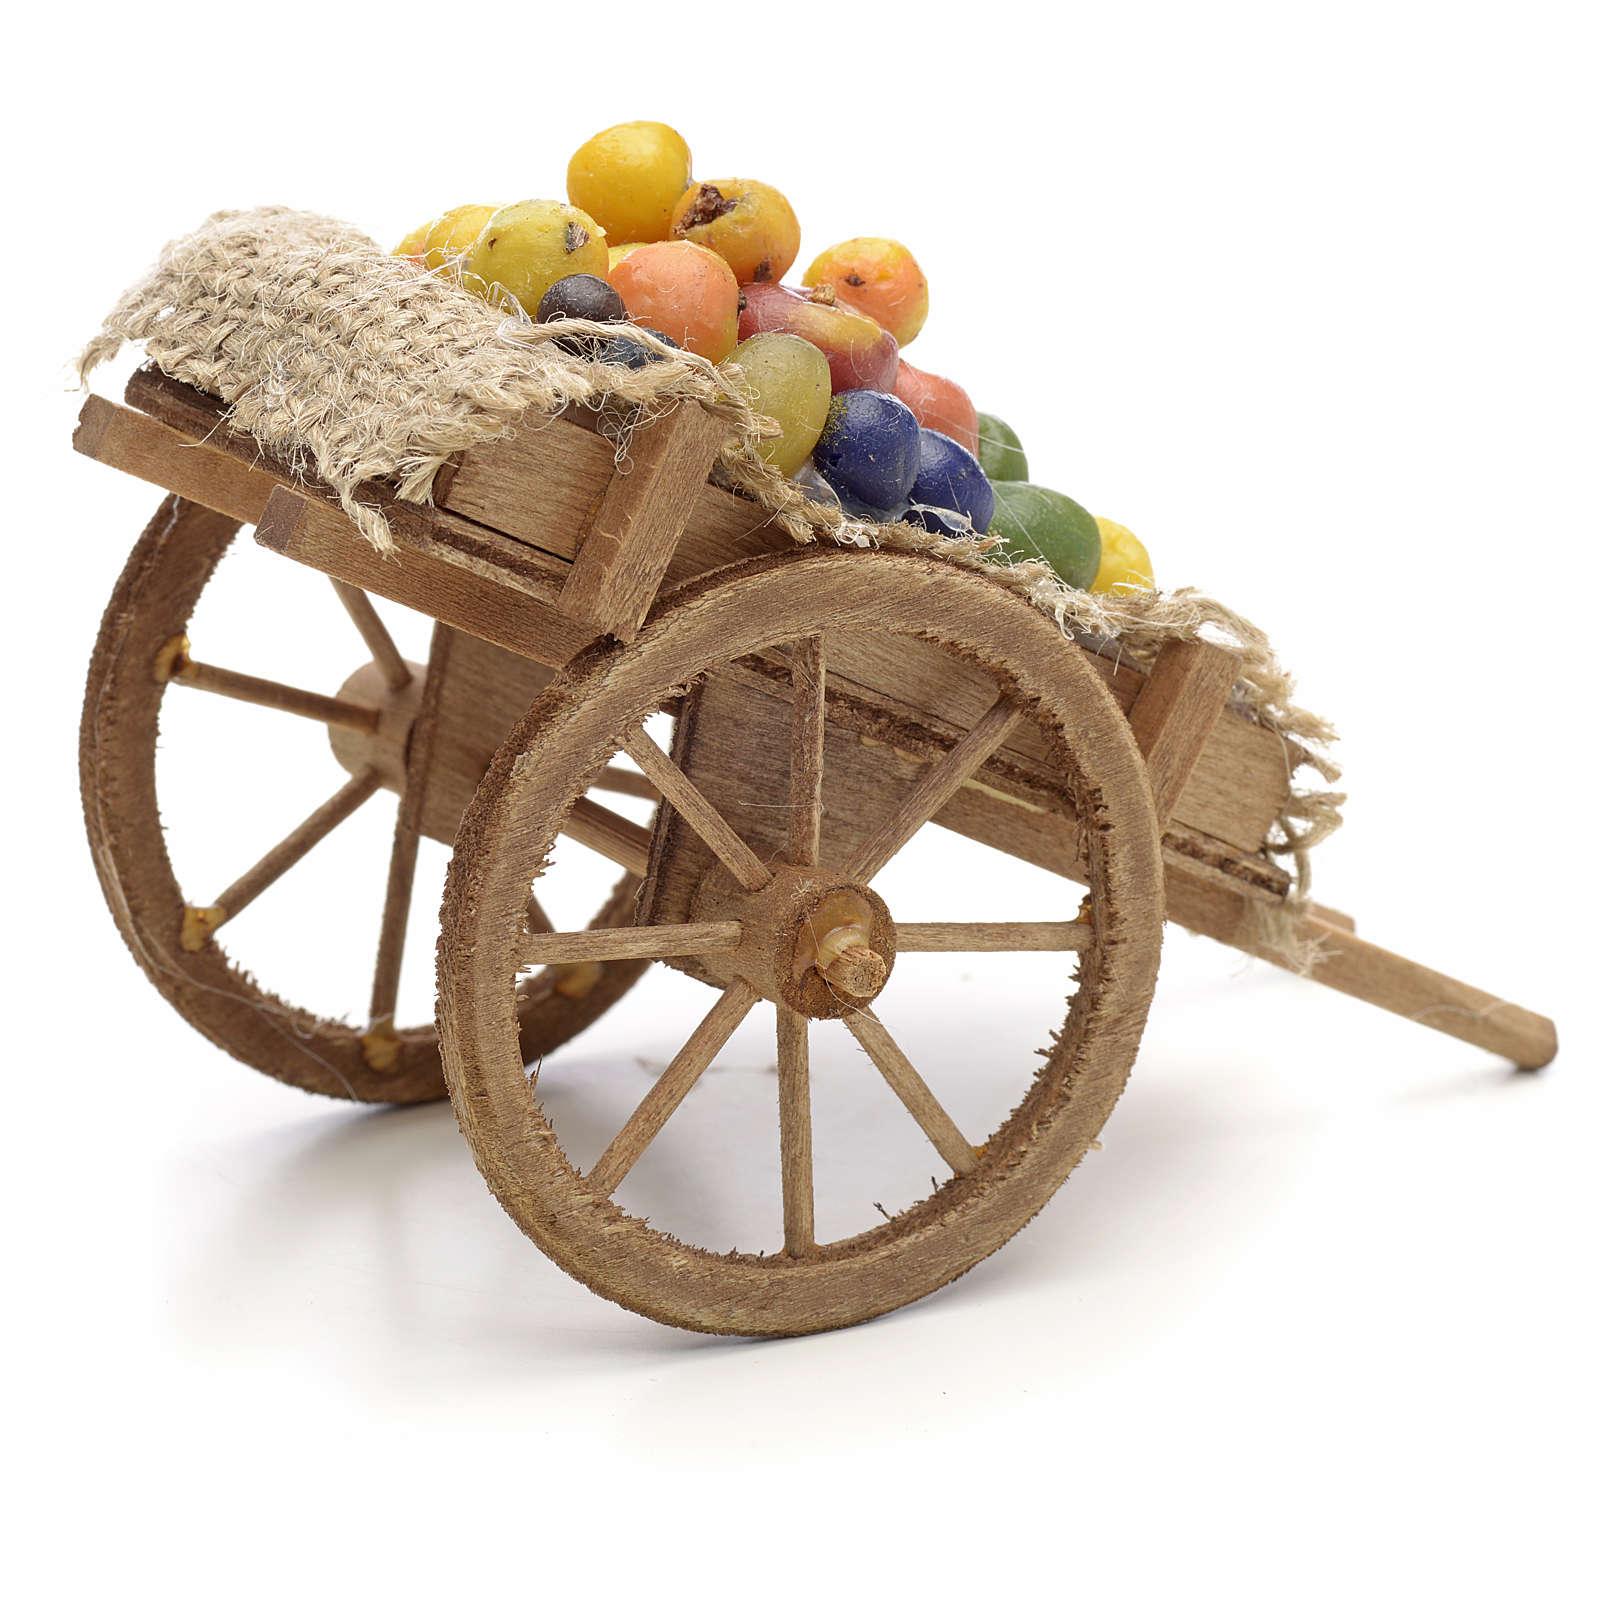 Carro con frutta e verdura Presepe Napoli 4